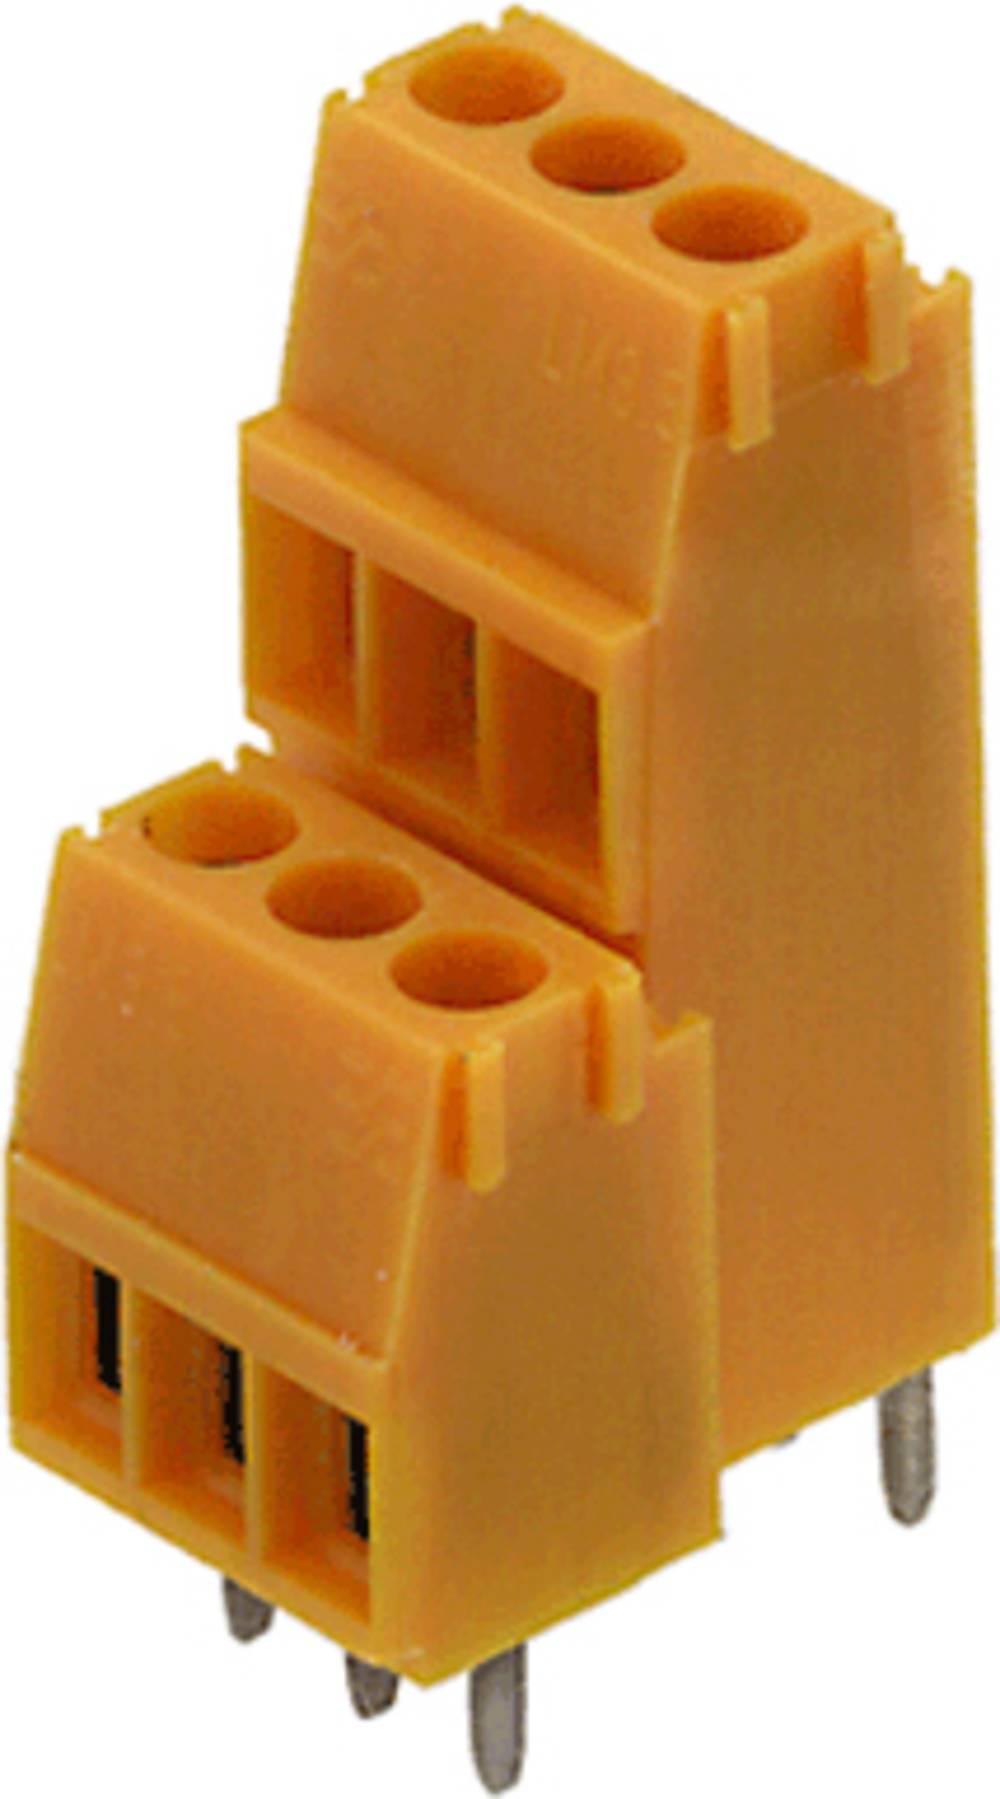 Dobbeltrækkeklemme Weidmüller LM2N 3.50/08/90 3.2SN OR BX 1.50 mm² Poltal 8 Orange 100 stk